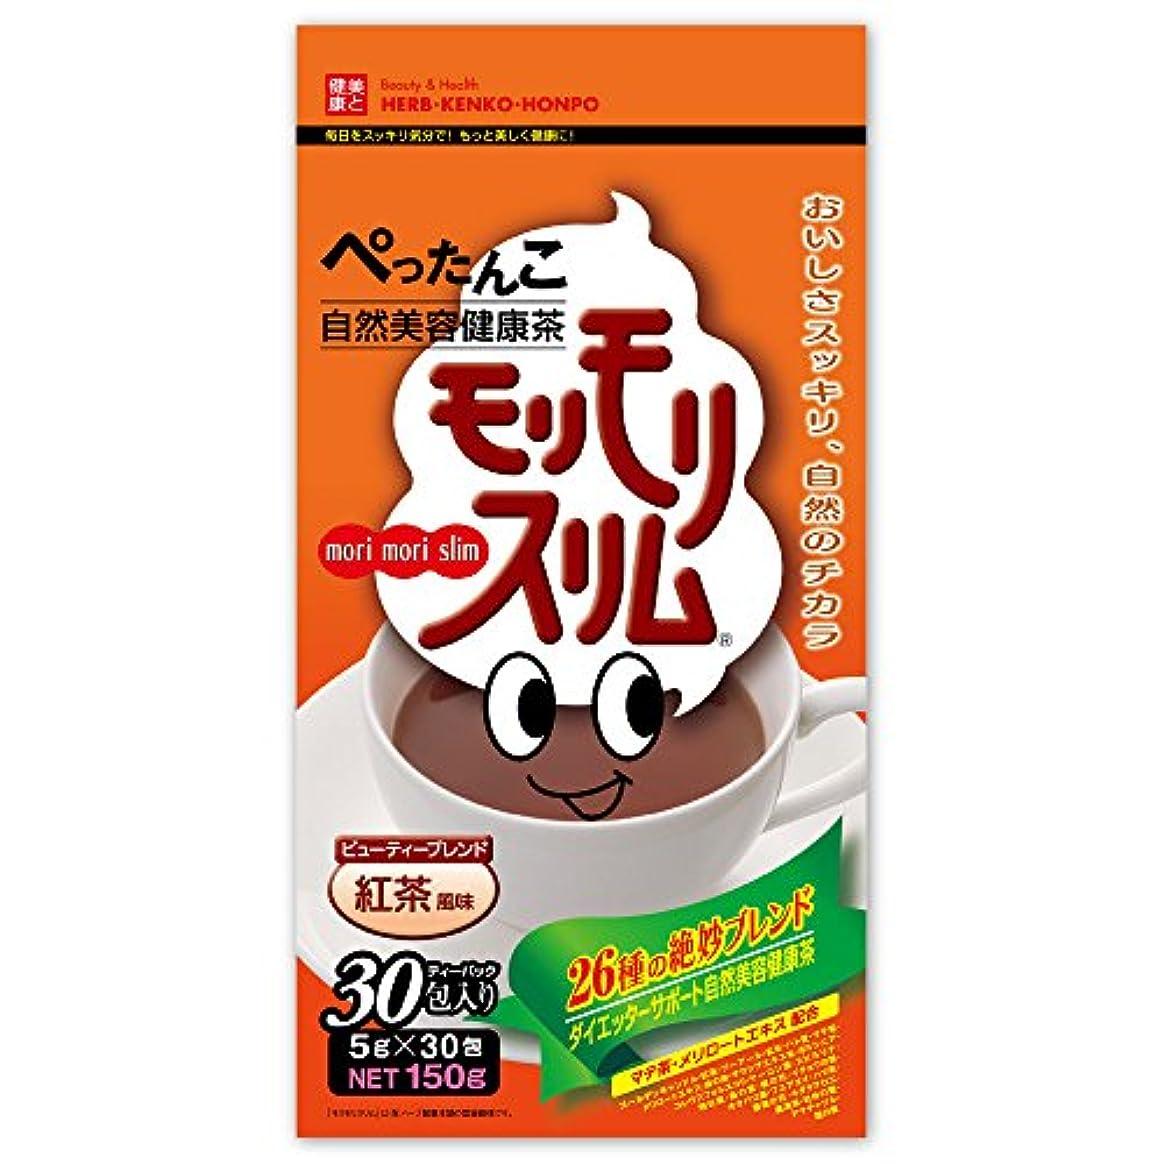 荒涼としたサイズ祖父母を訪問ハーブ健康本舗 モリモリスリム(紅茶風味) (30包)